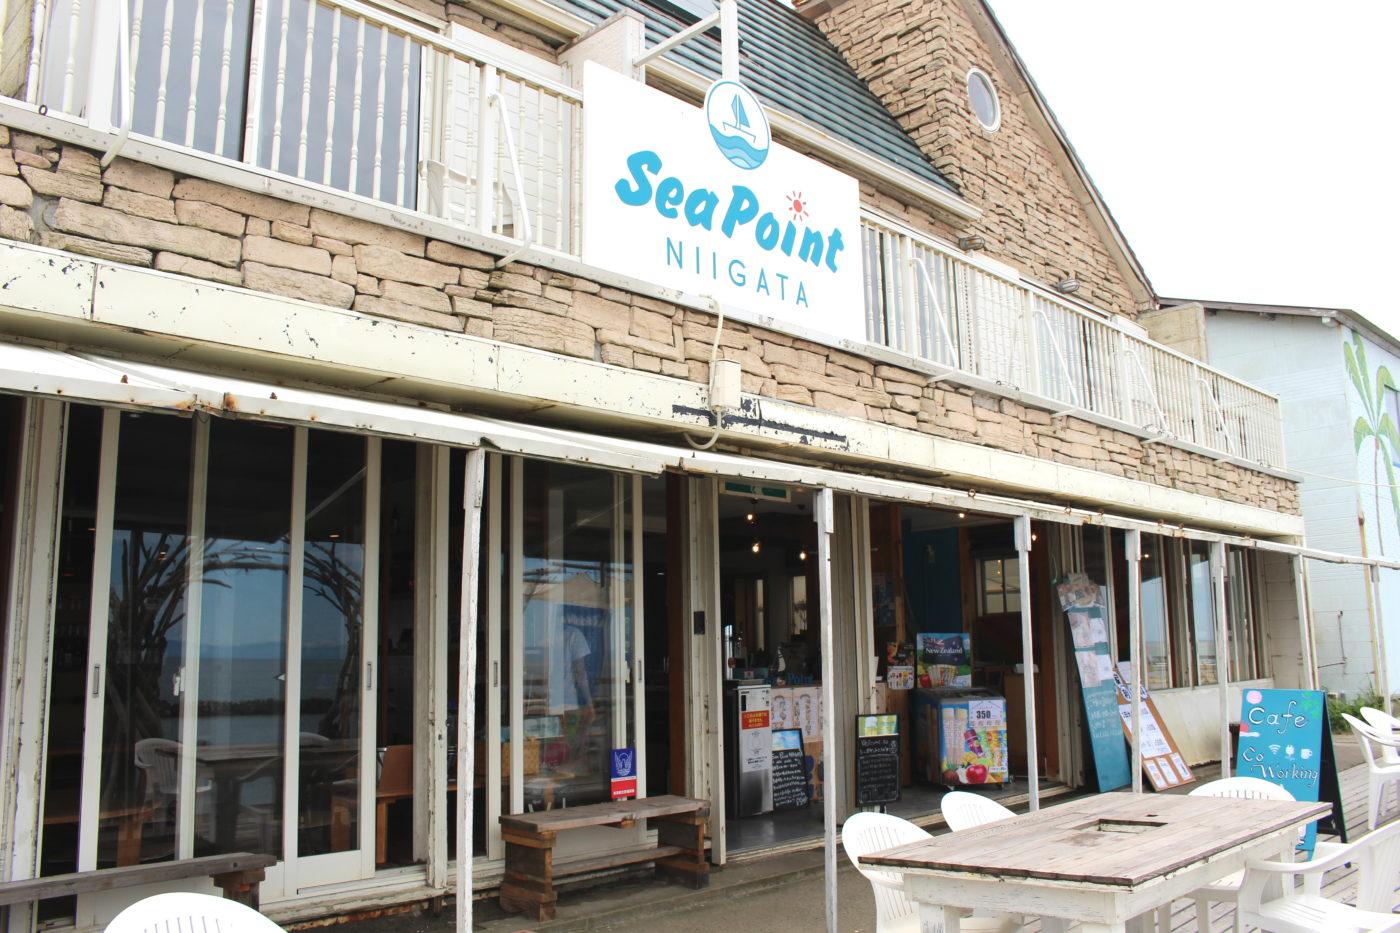 sea point NIIGATAの外観